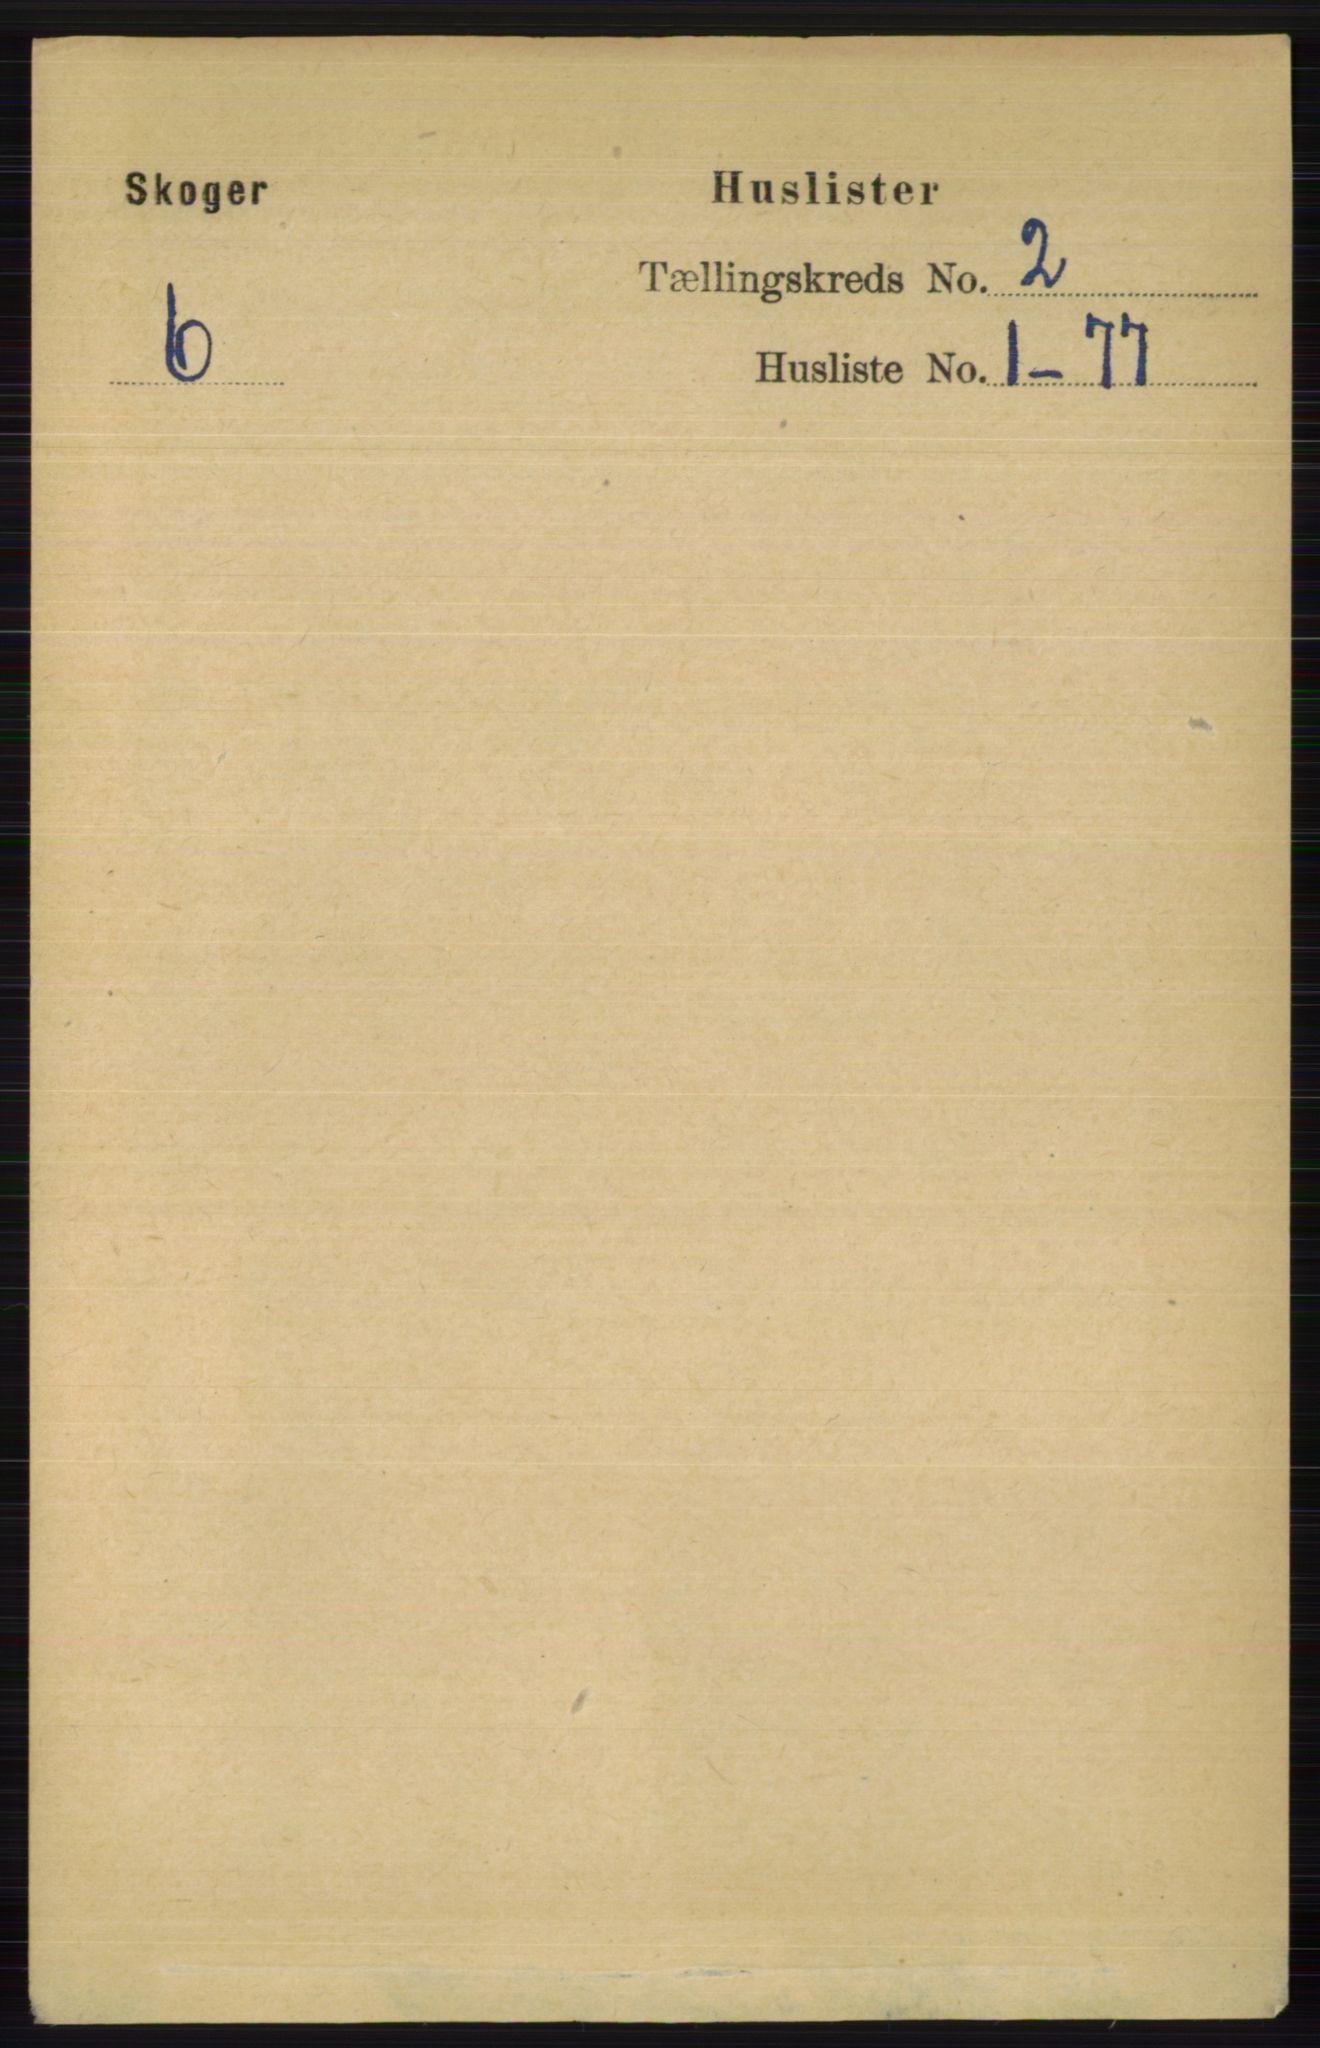 RA, Folketelling 1891 for 0712 Skoger herred, 1891, s. 776